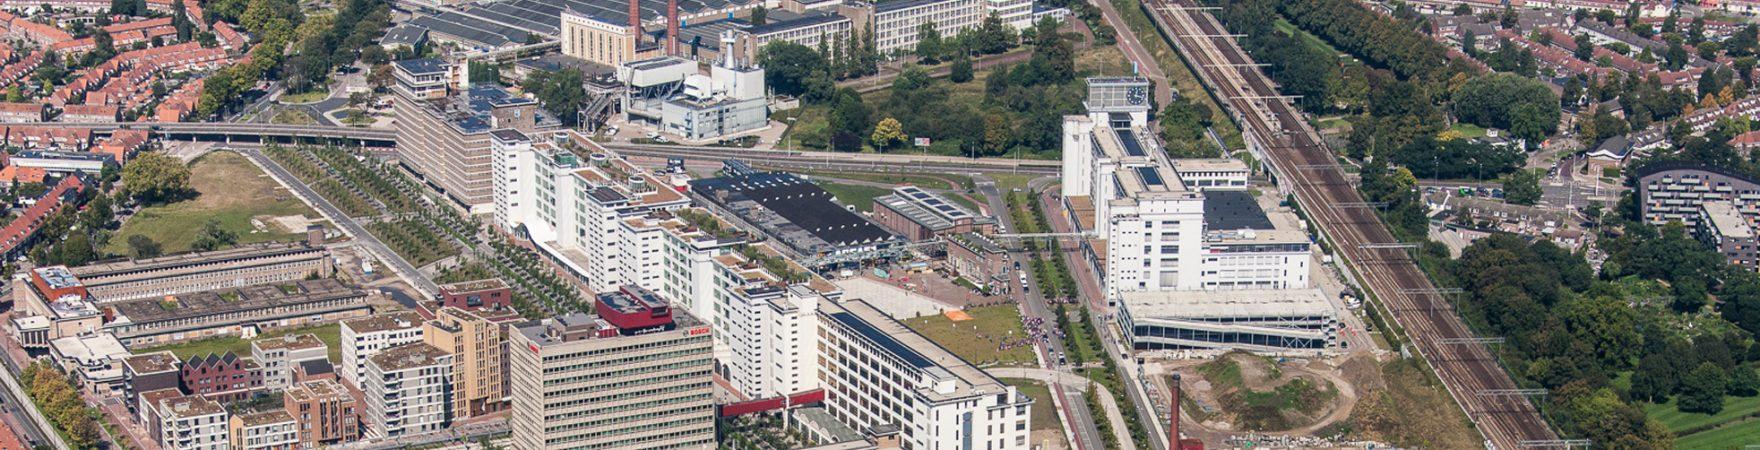 Waterhardheid in Eindhoven